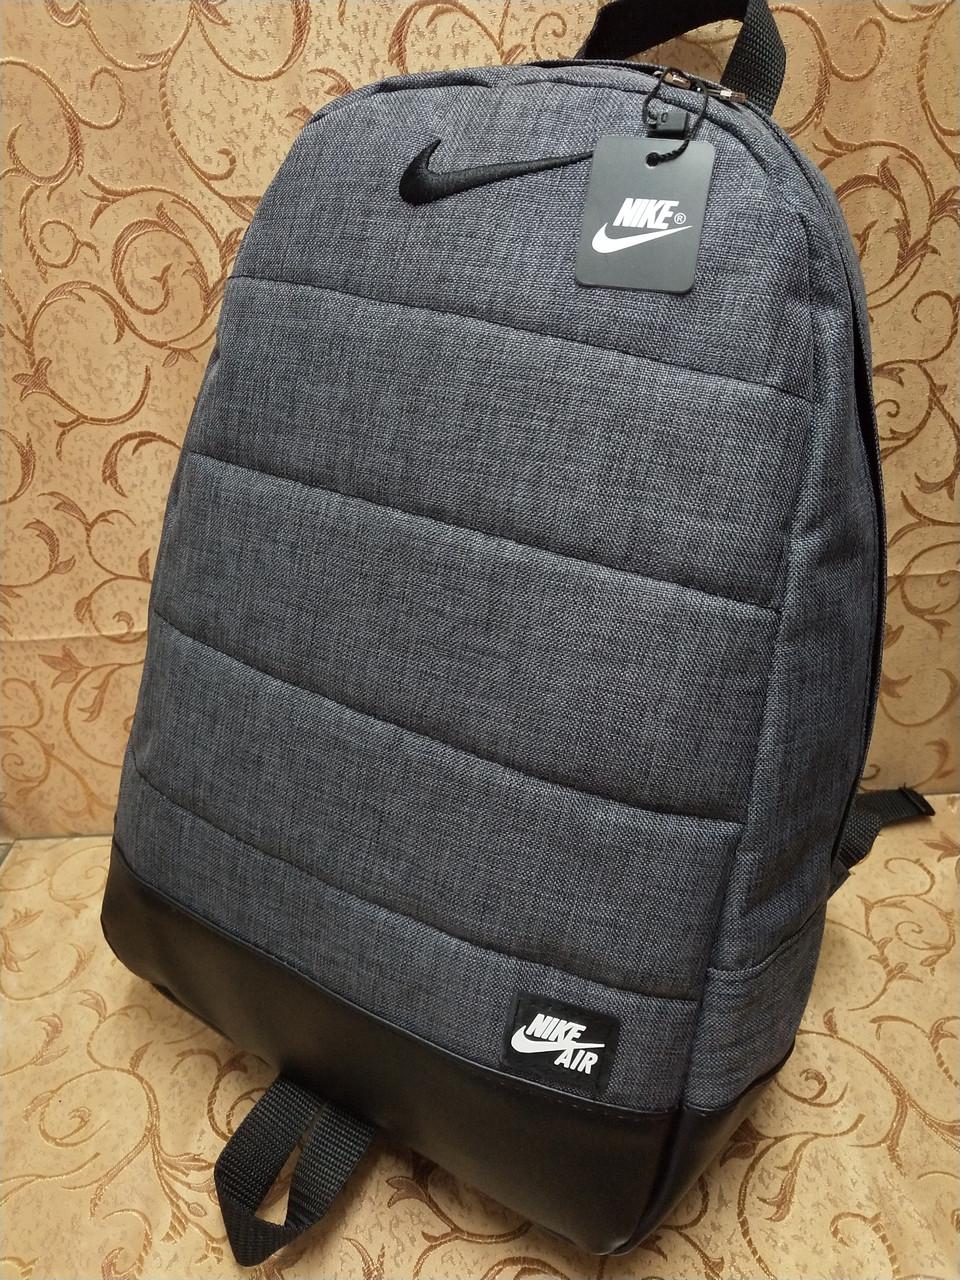 Рюкзак nike/SB Хорошее качество ткань катион матовый с кожаным дном спортивный городской стильный только ОПТ